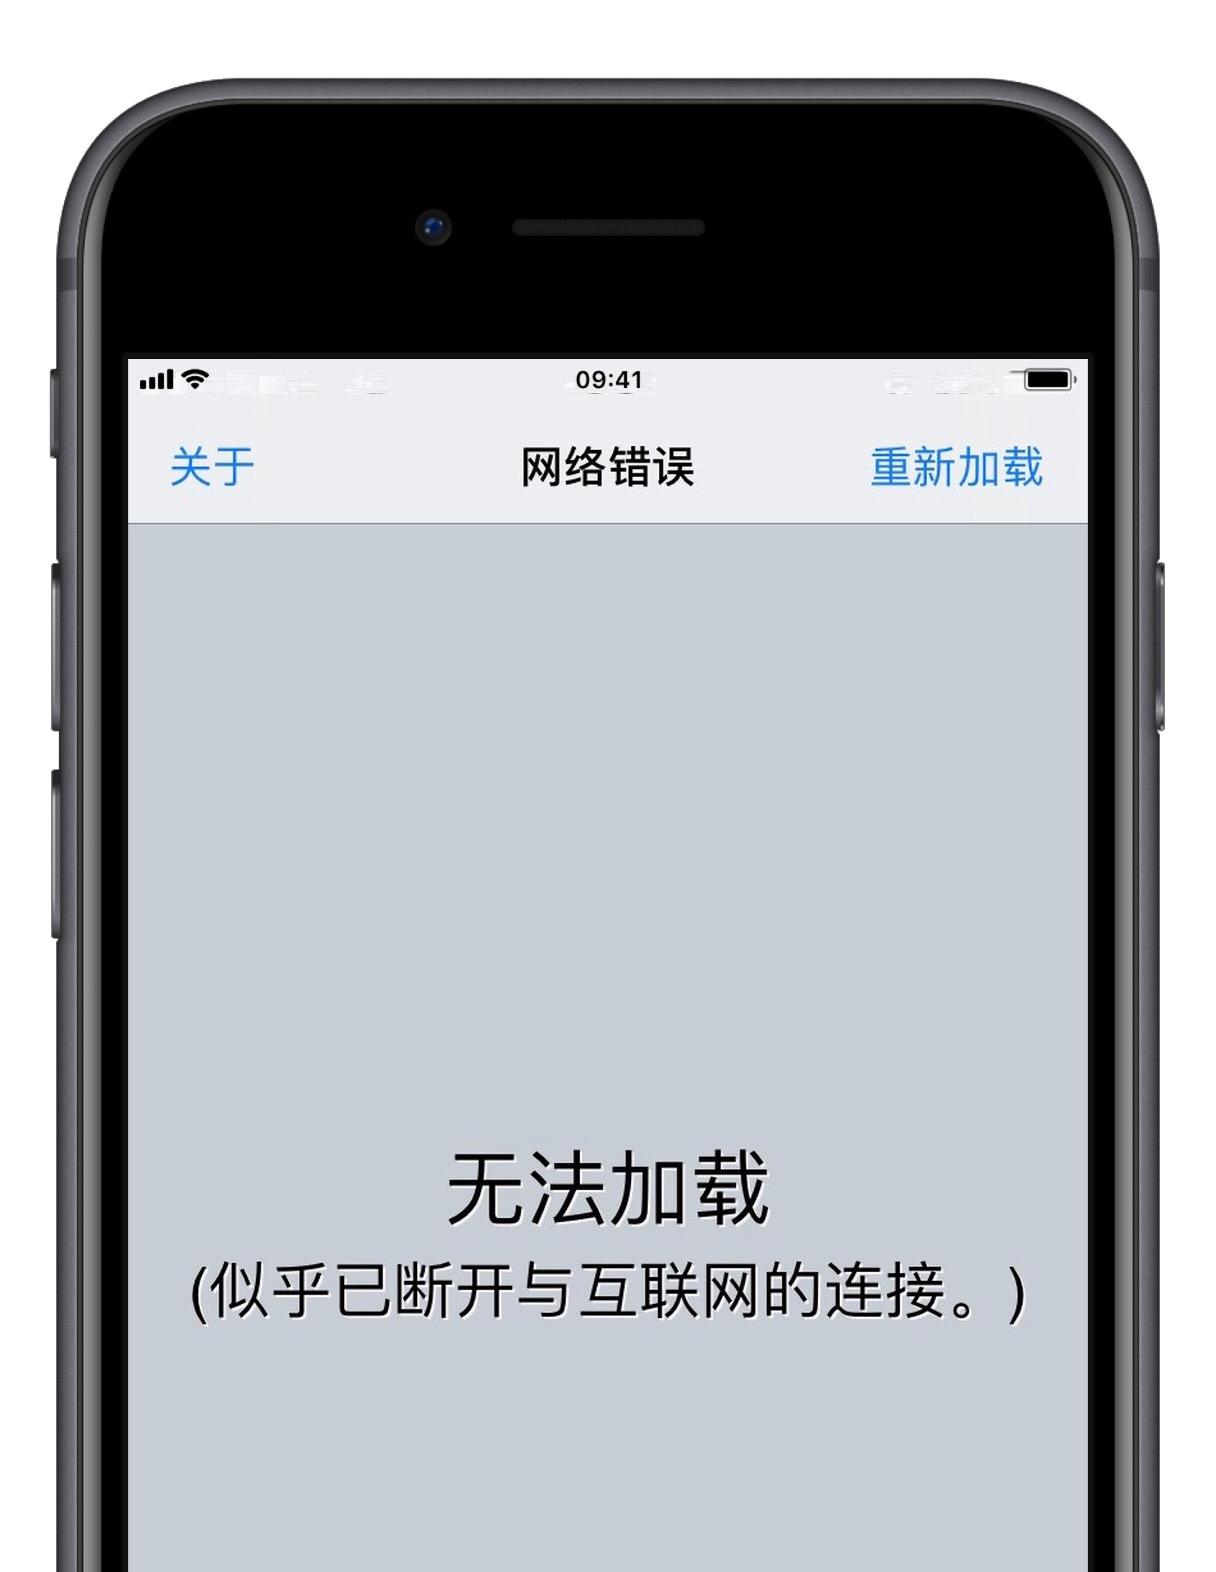 iOS 12.1.3-12.2 测试版越狱工具使用注意事项